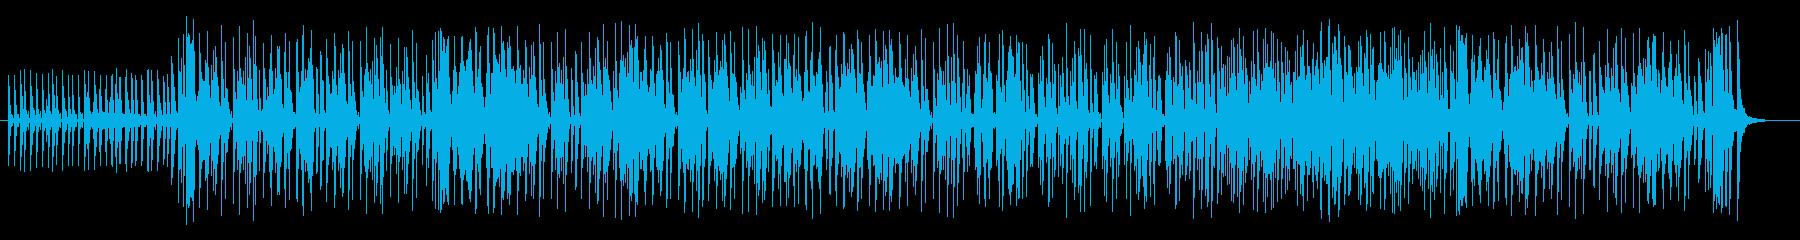 疾走感のあるシンセが特徴のフュージョン曲の再生済みの波形